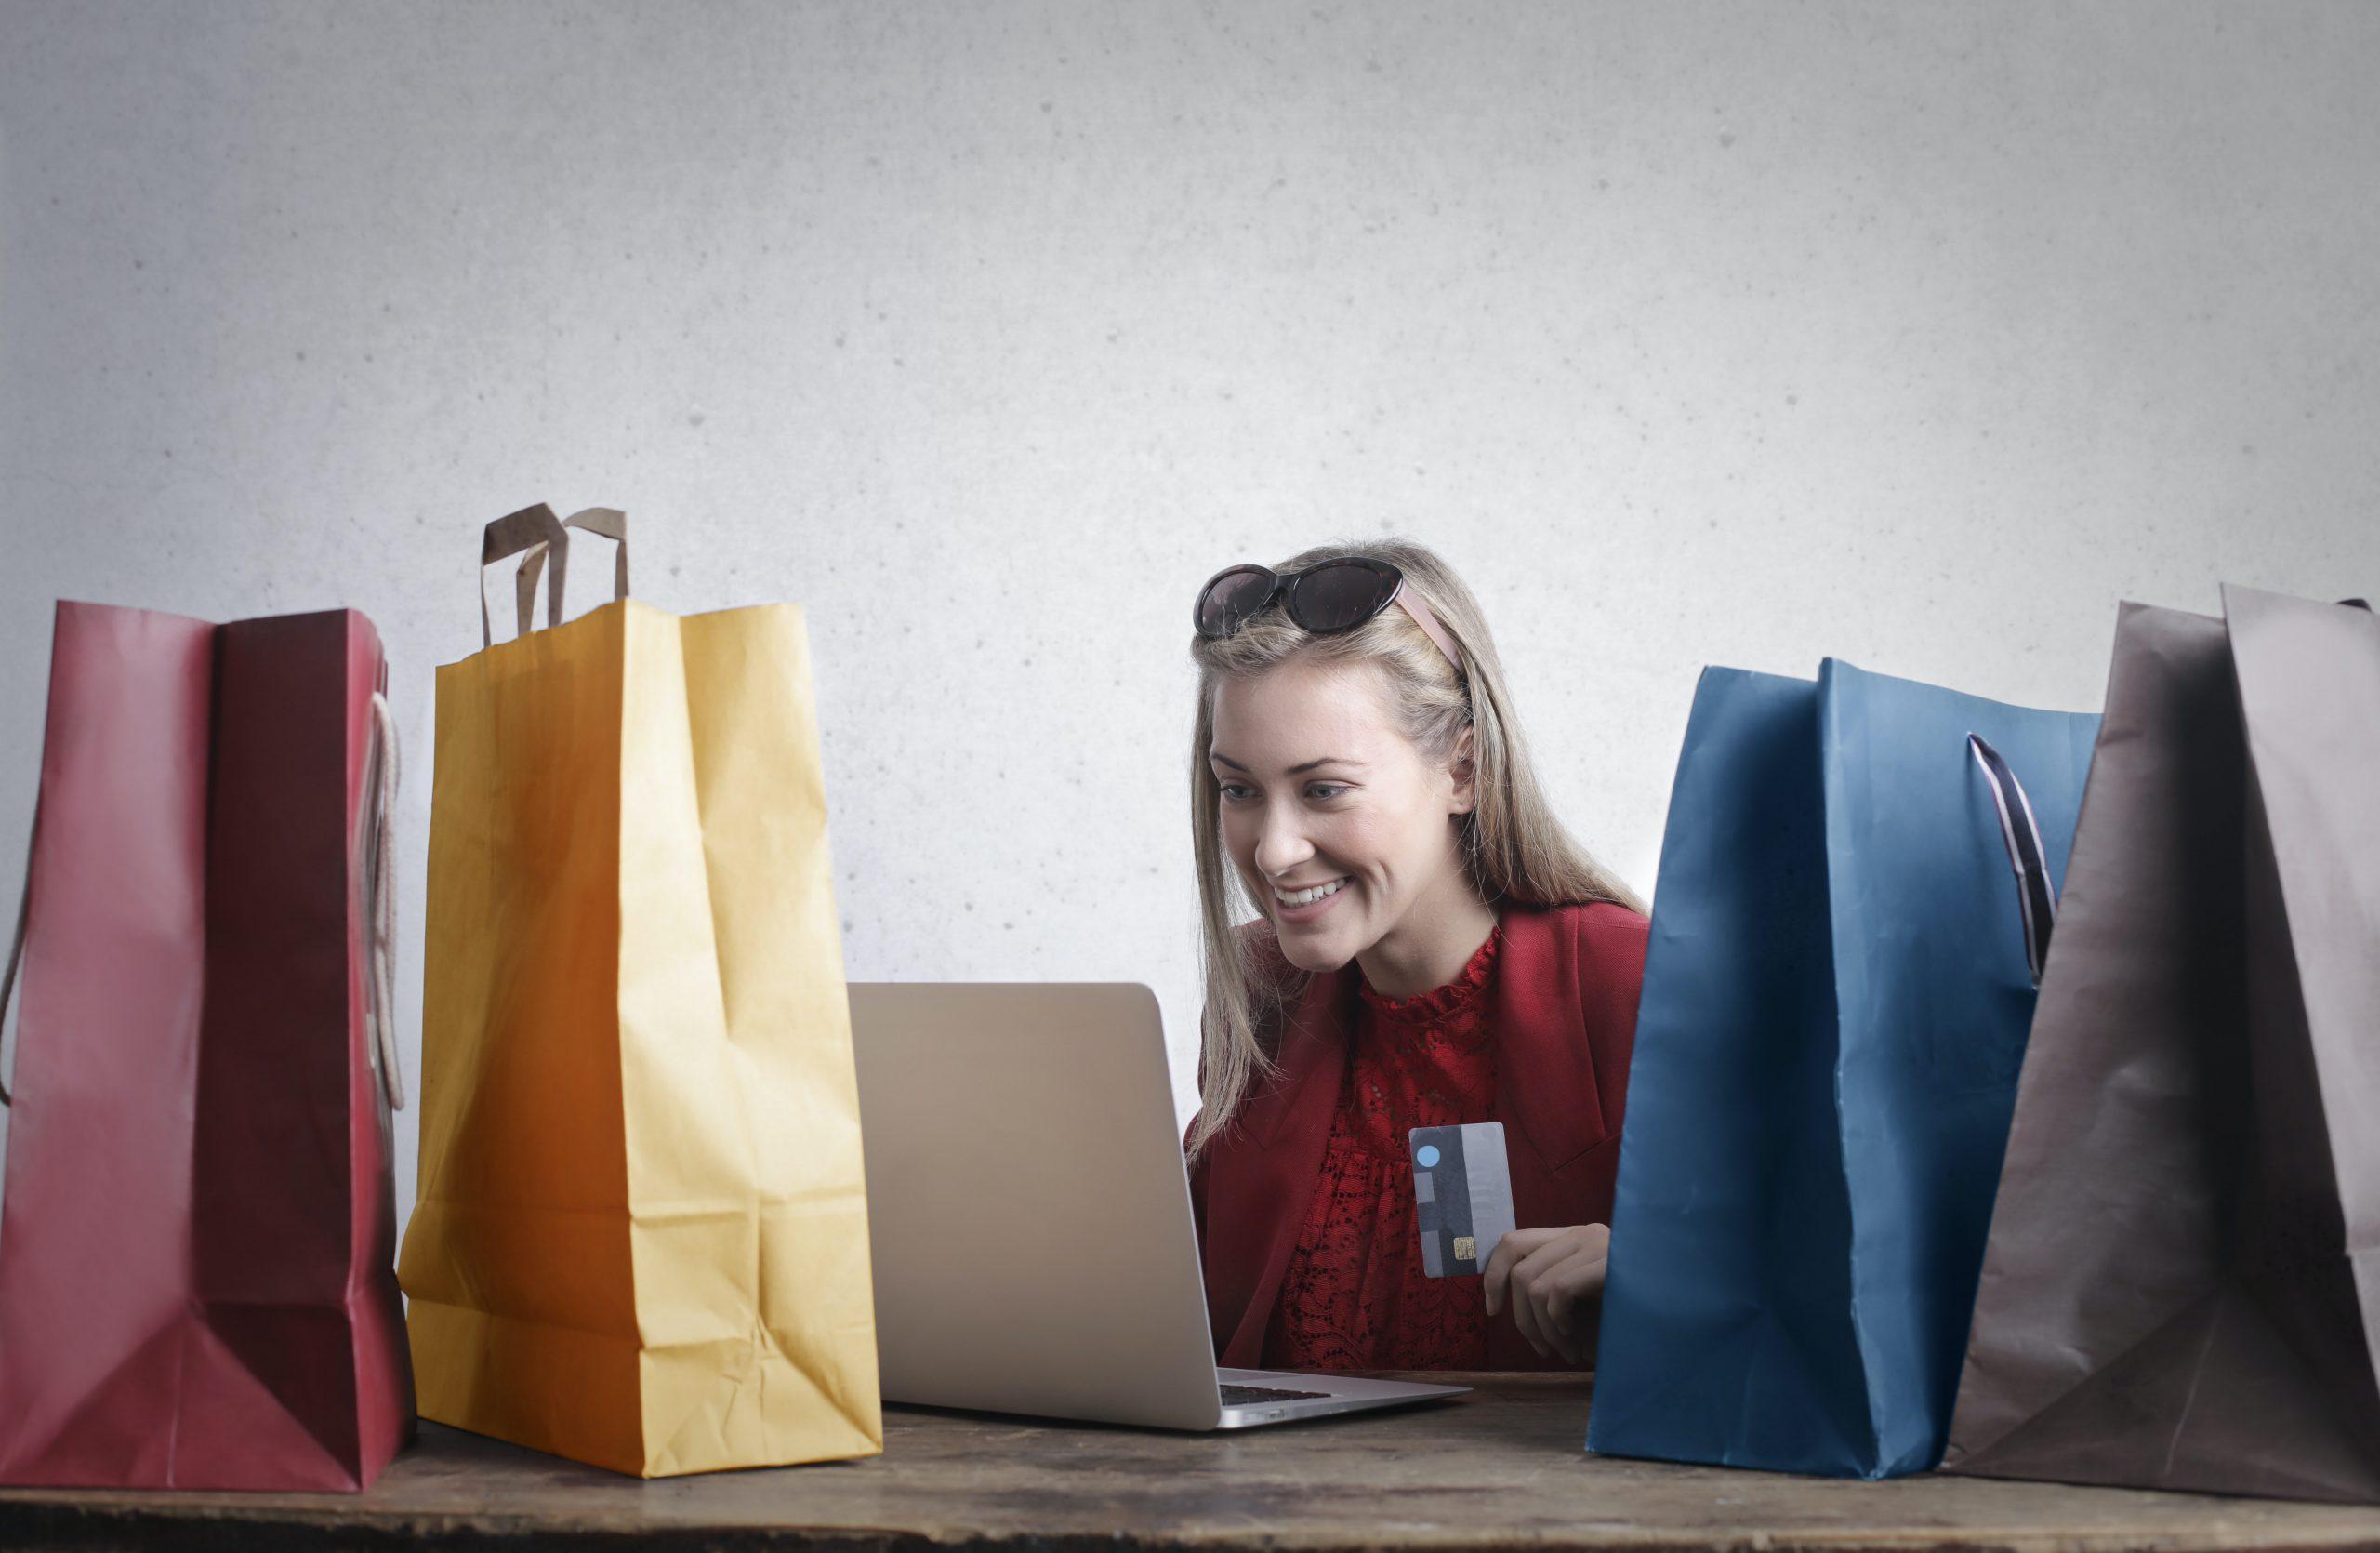 Feiertagsvorbereitungen – 5 Tipps für mehr Erfolg von Black Friday bis Cyber Monday